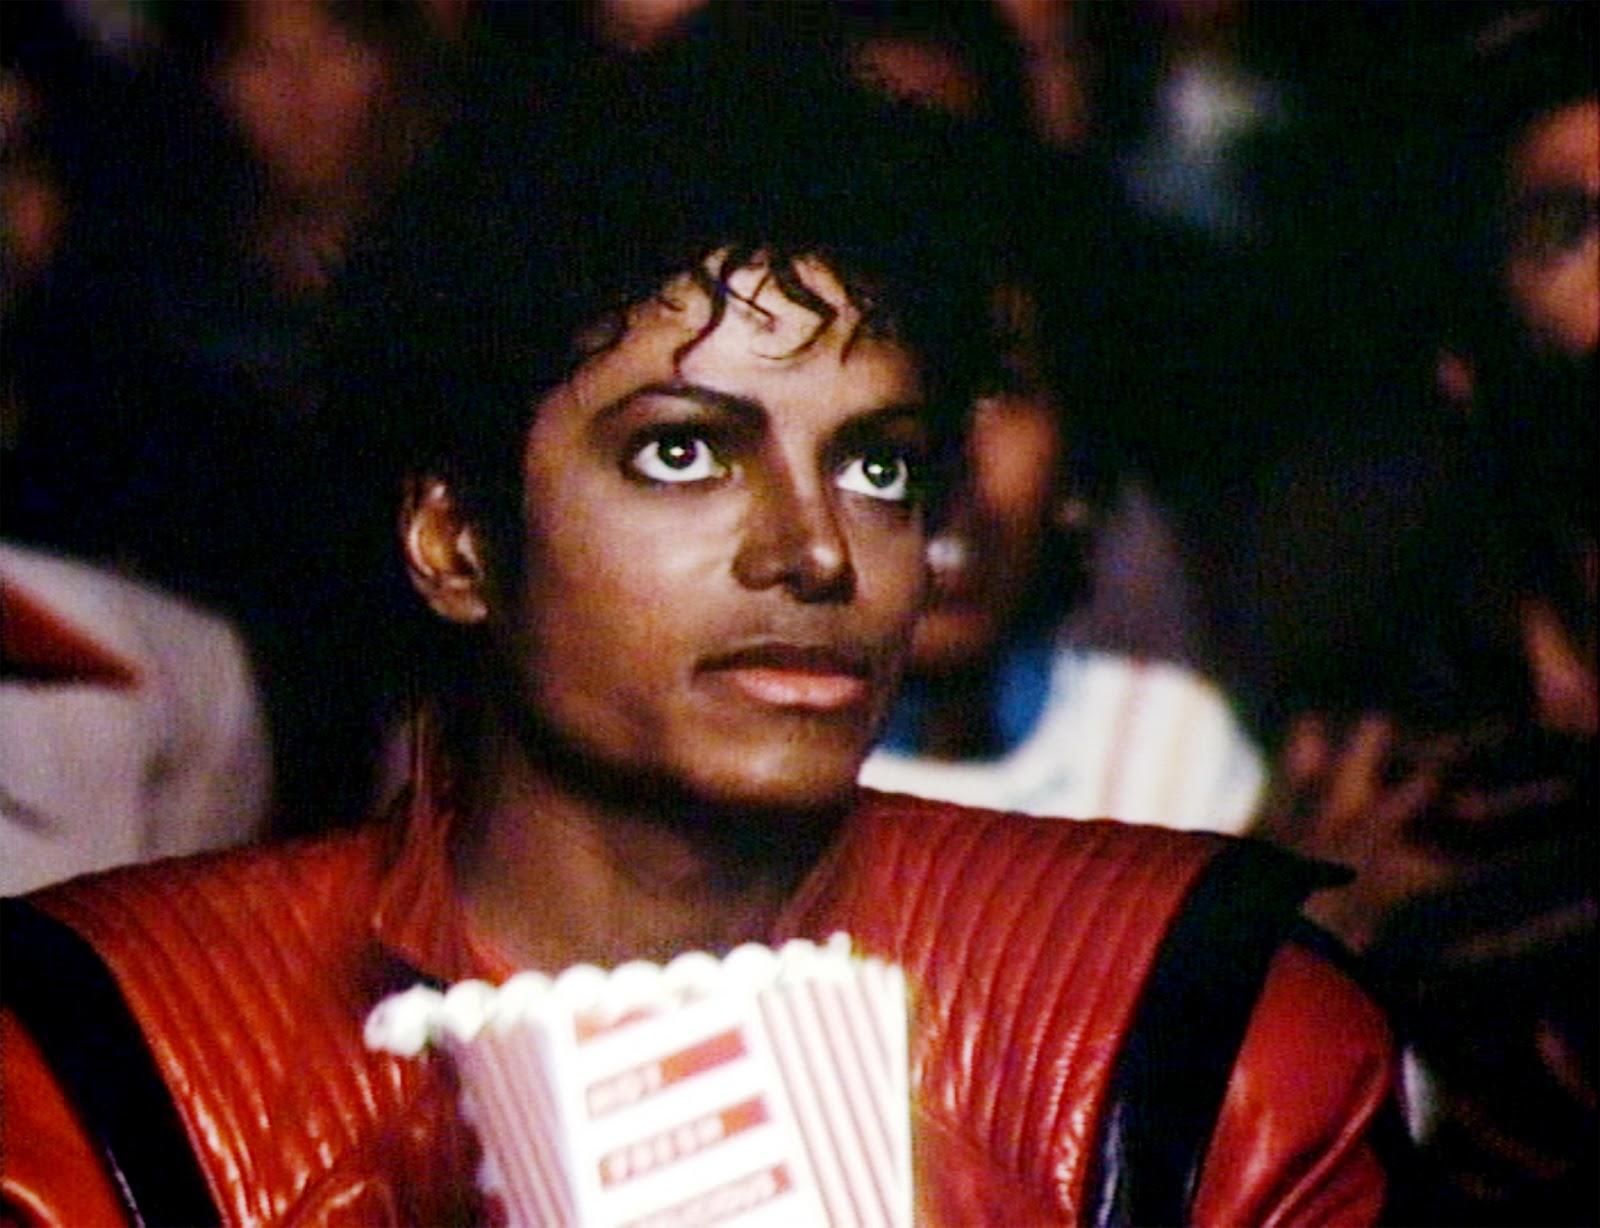 """Michael Jackson no clipe de """"Thriller"""" (Fonte: galleryhip.com)"""